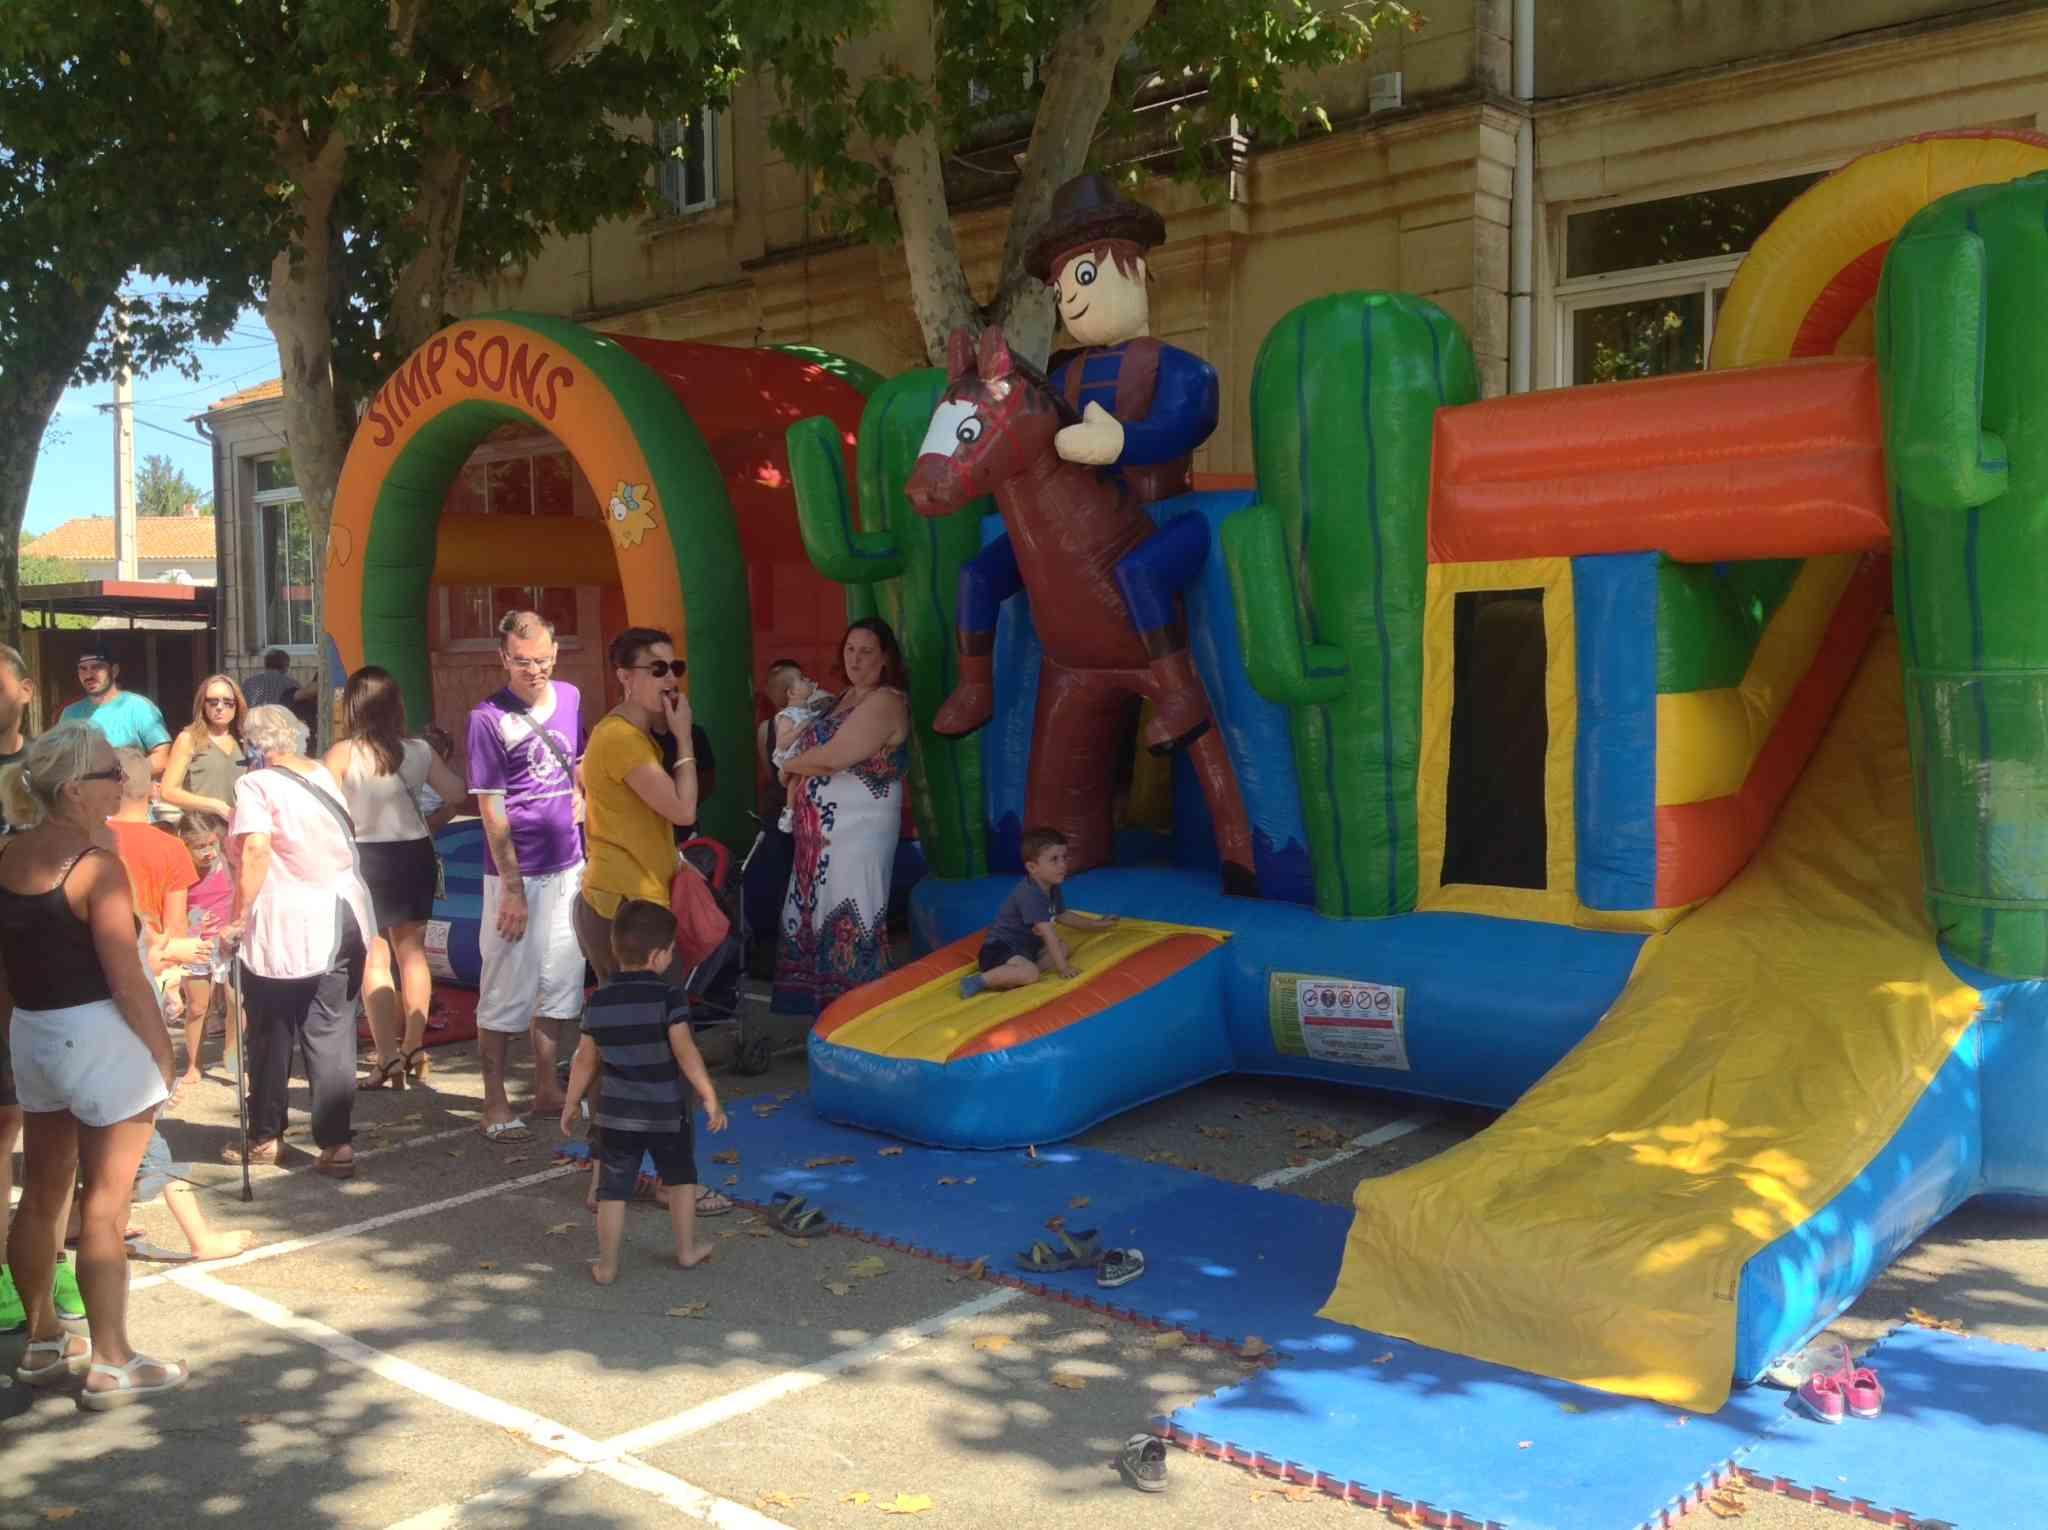 un espace avec des gonflables pour les enfants